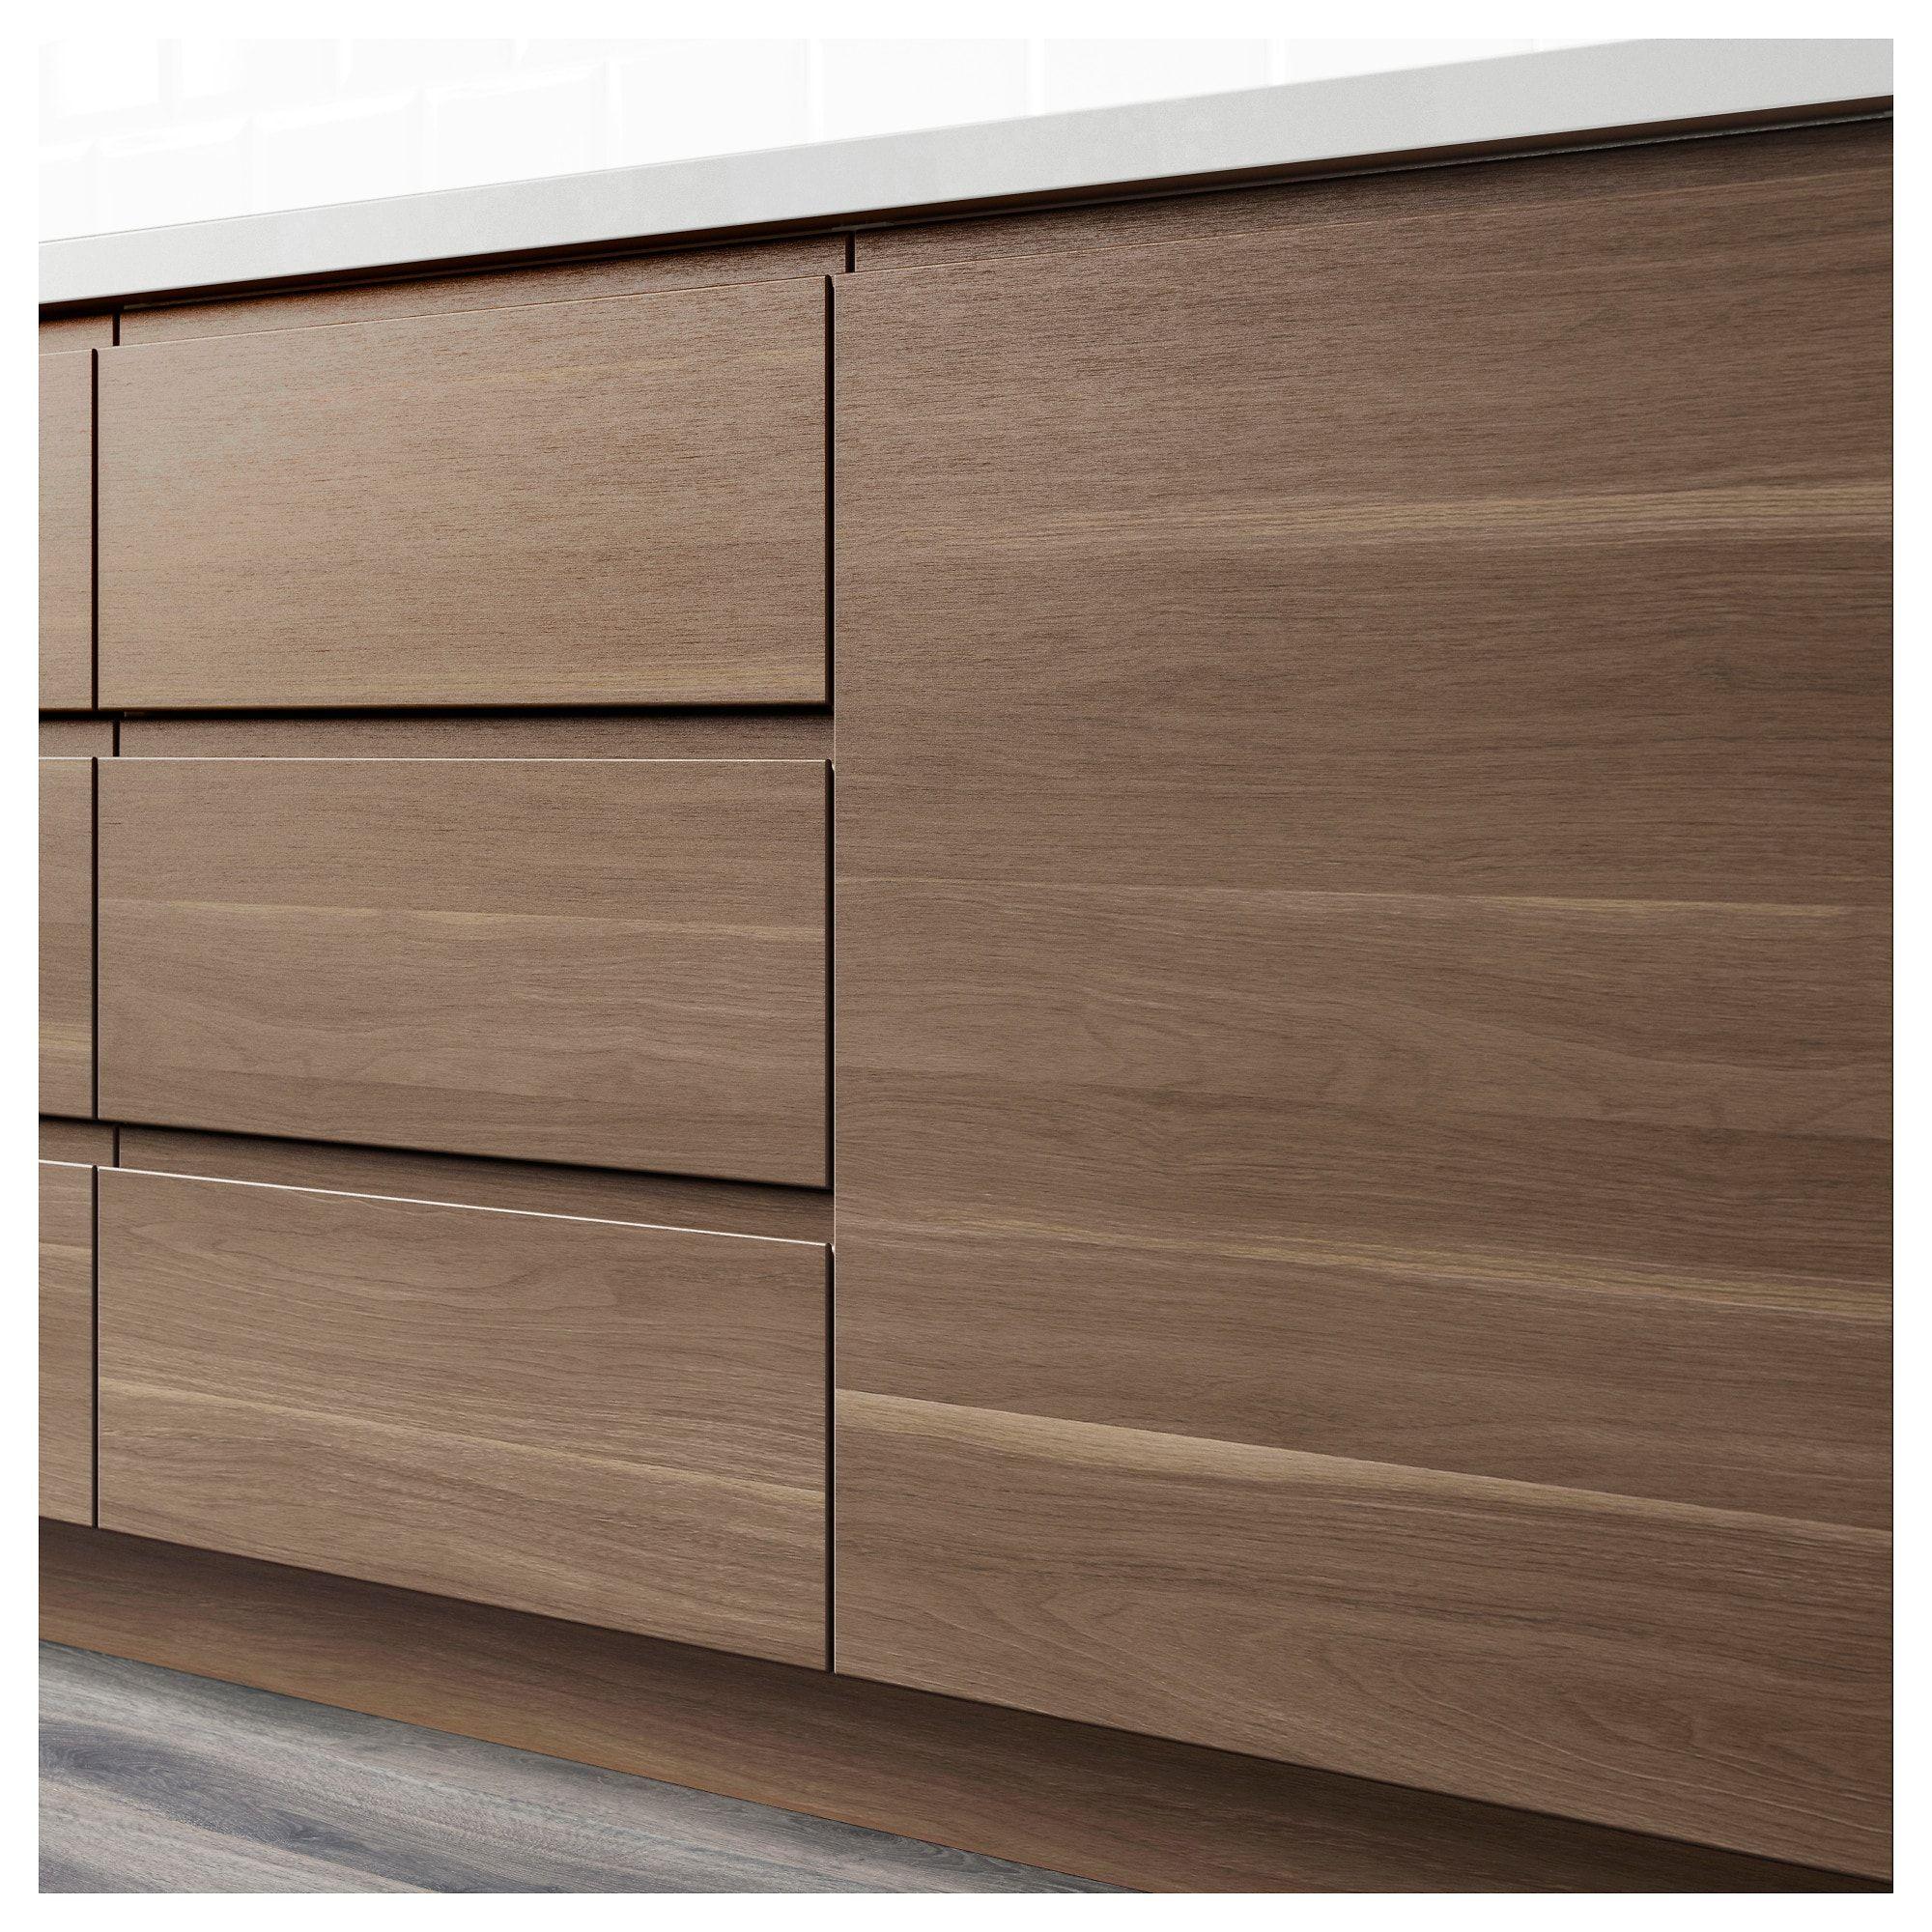 Corner base kitchen cabinet  VOXTORP p doorcorner base cabinet set lefthanded walnut effect